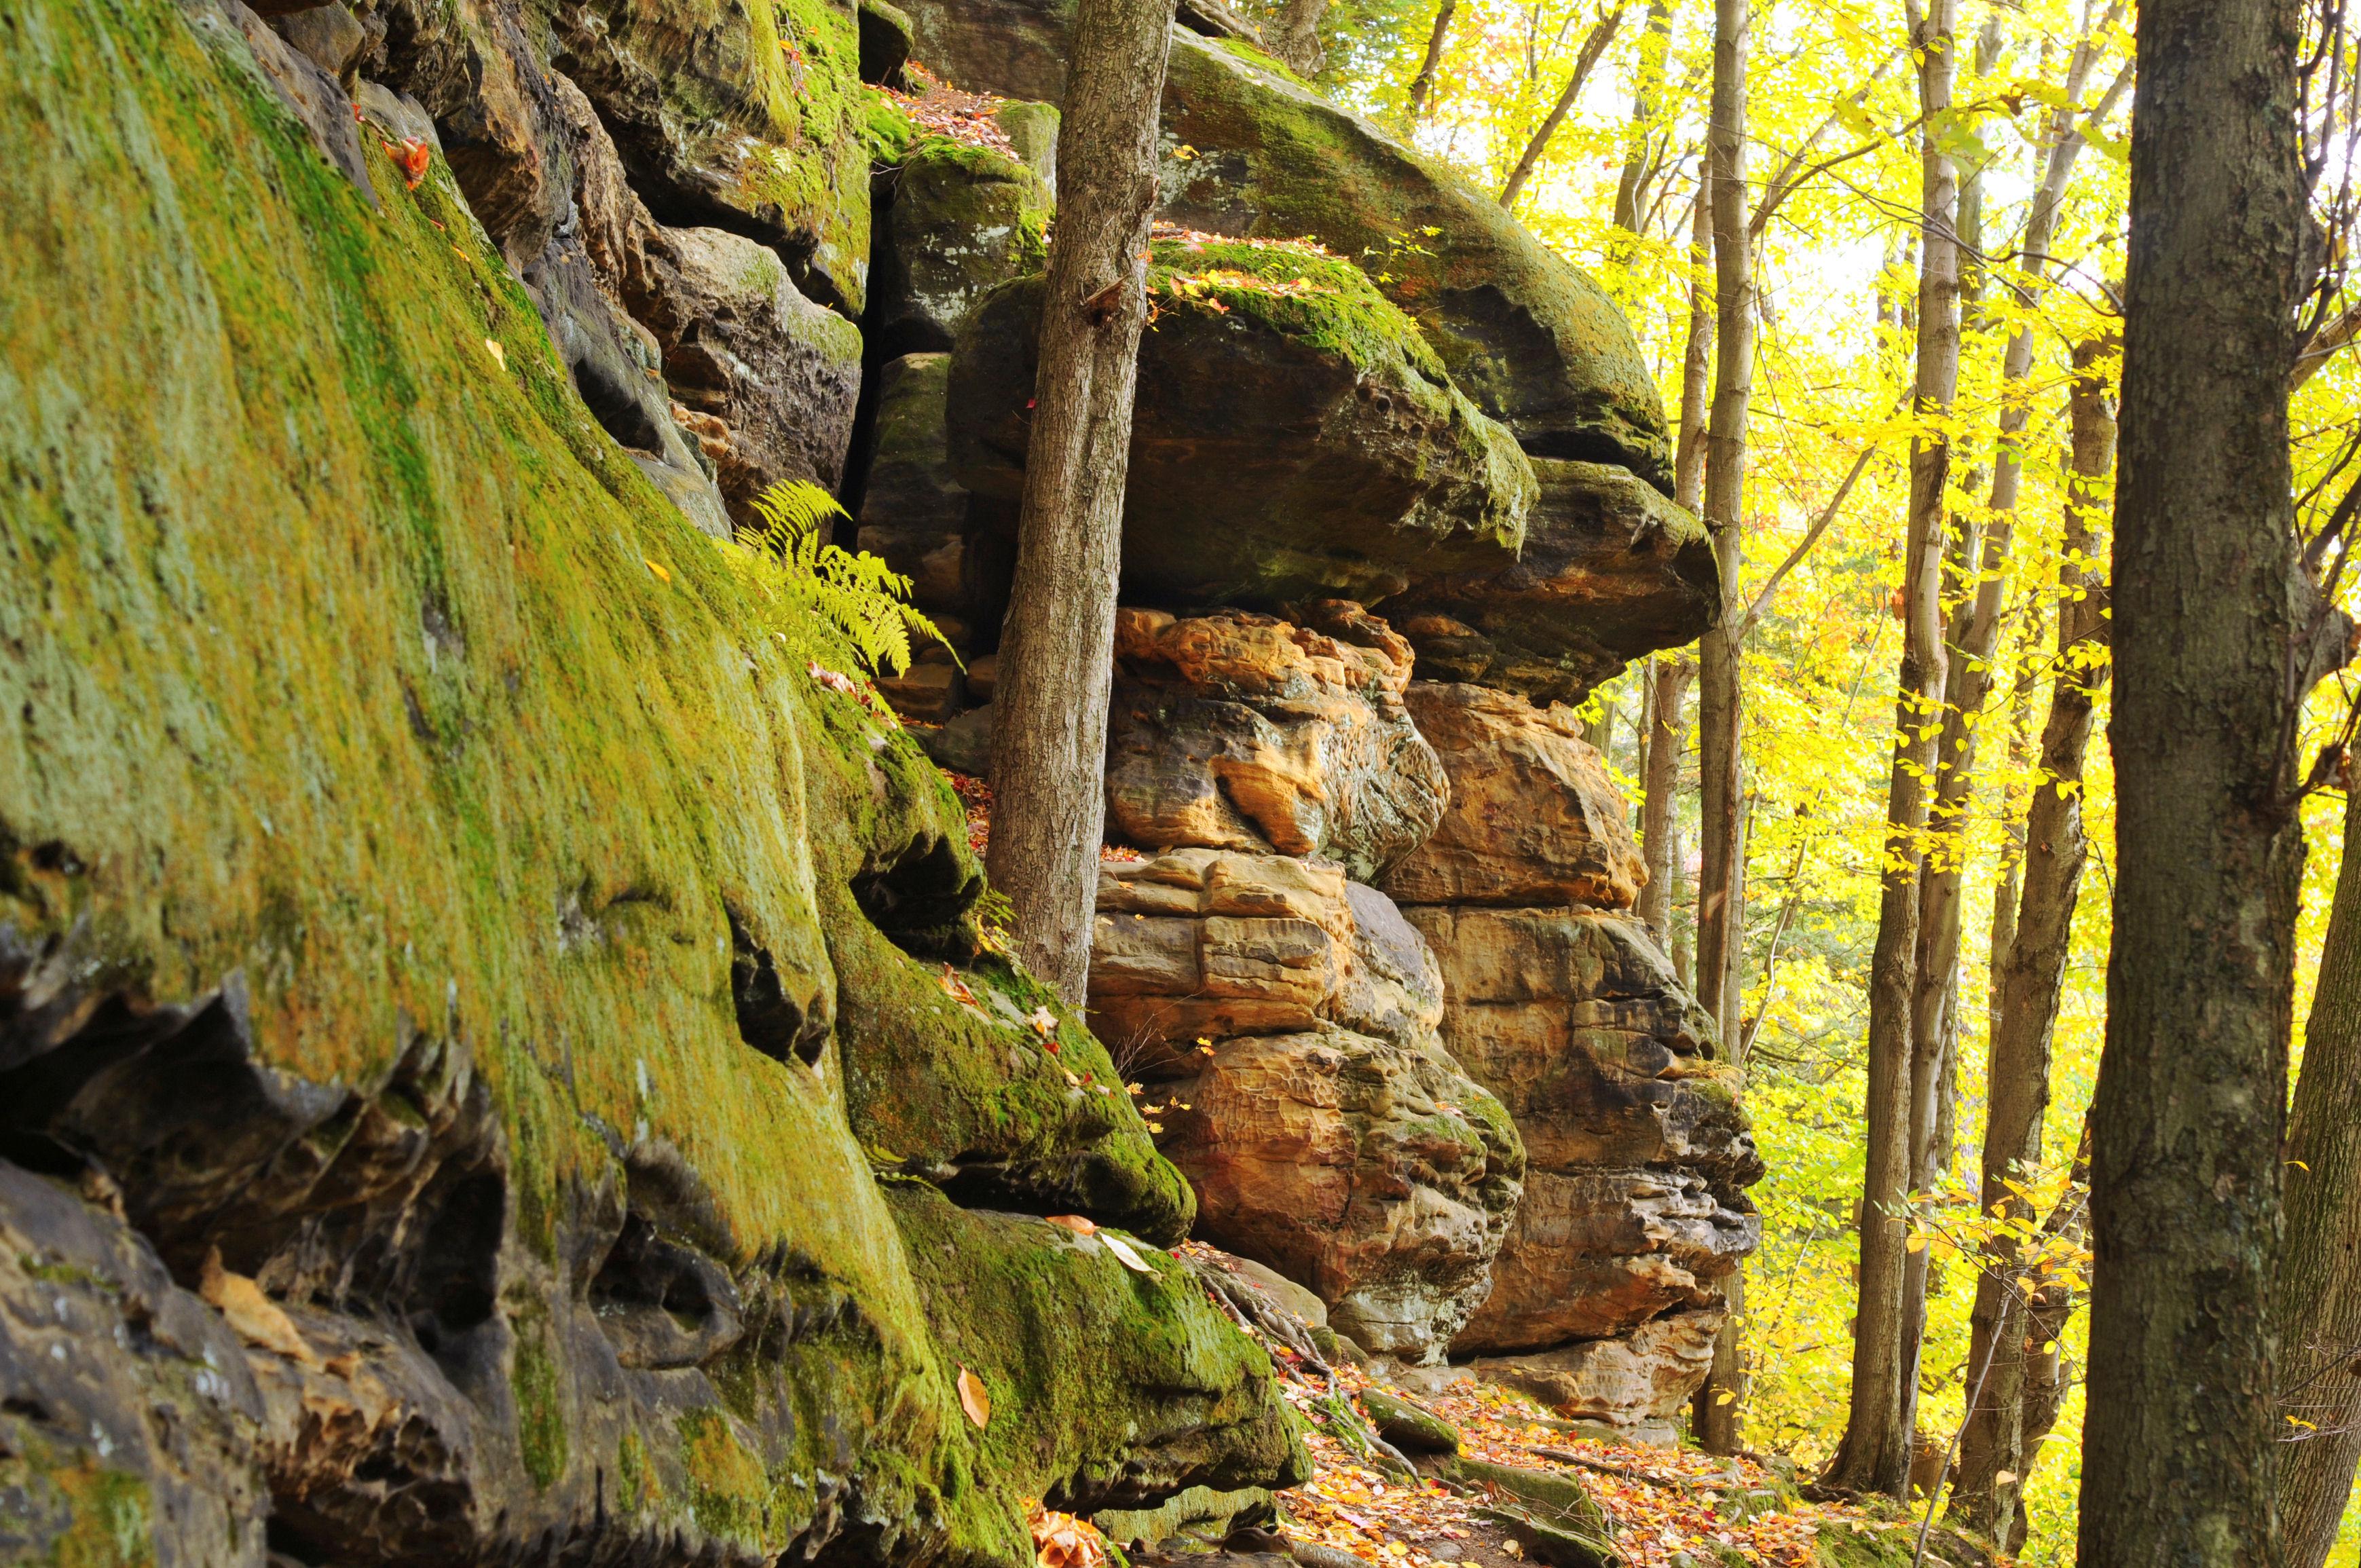 Rock ledge faces, Ohio